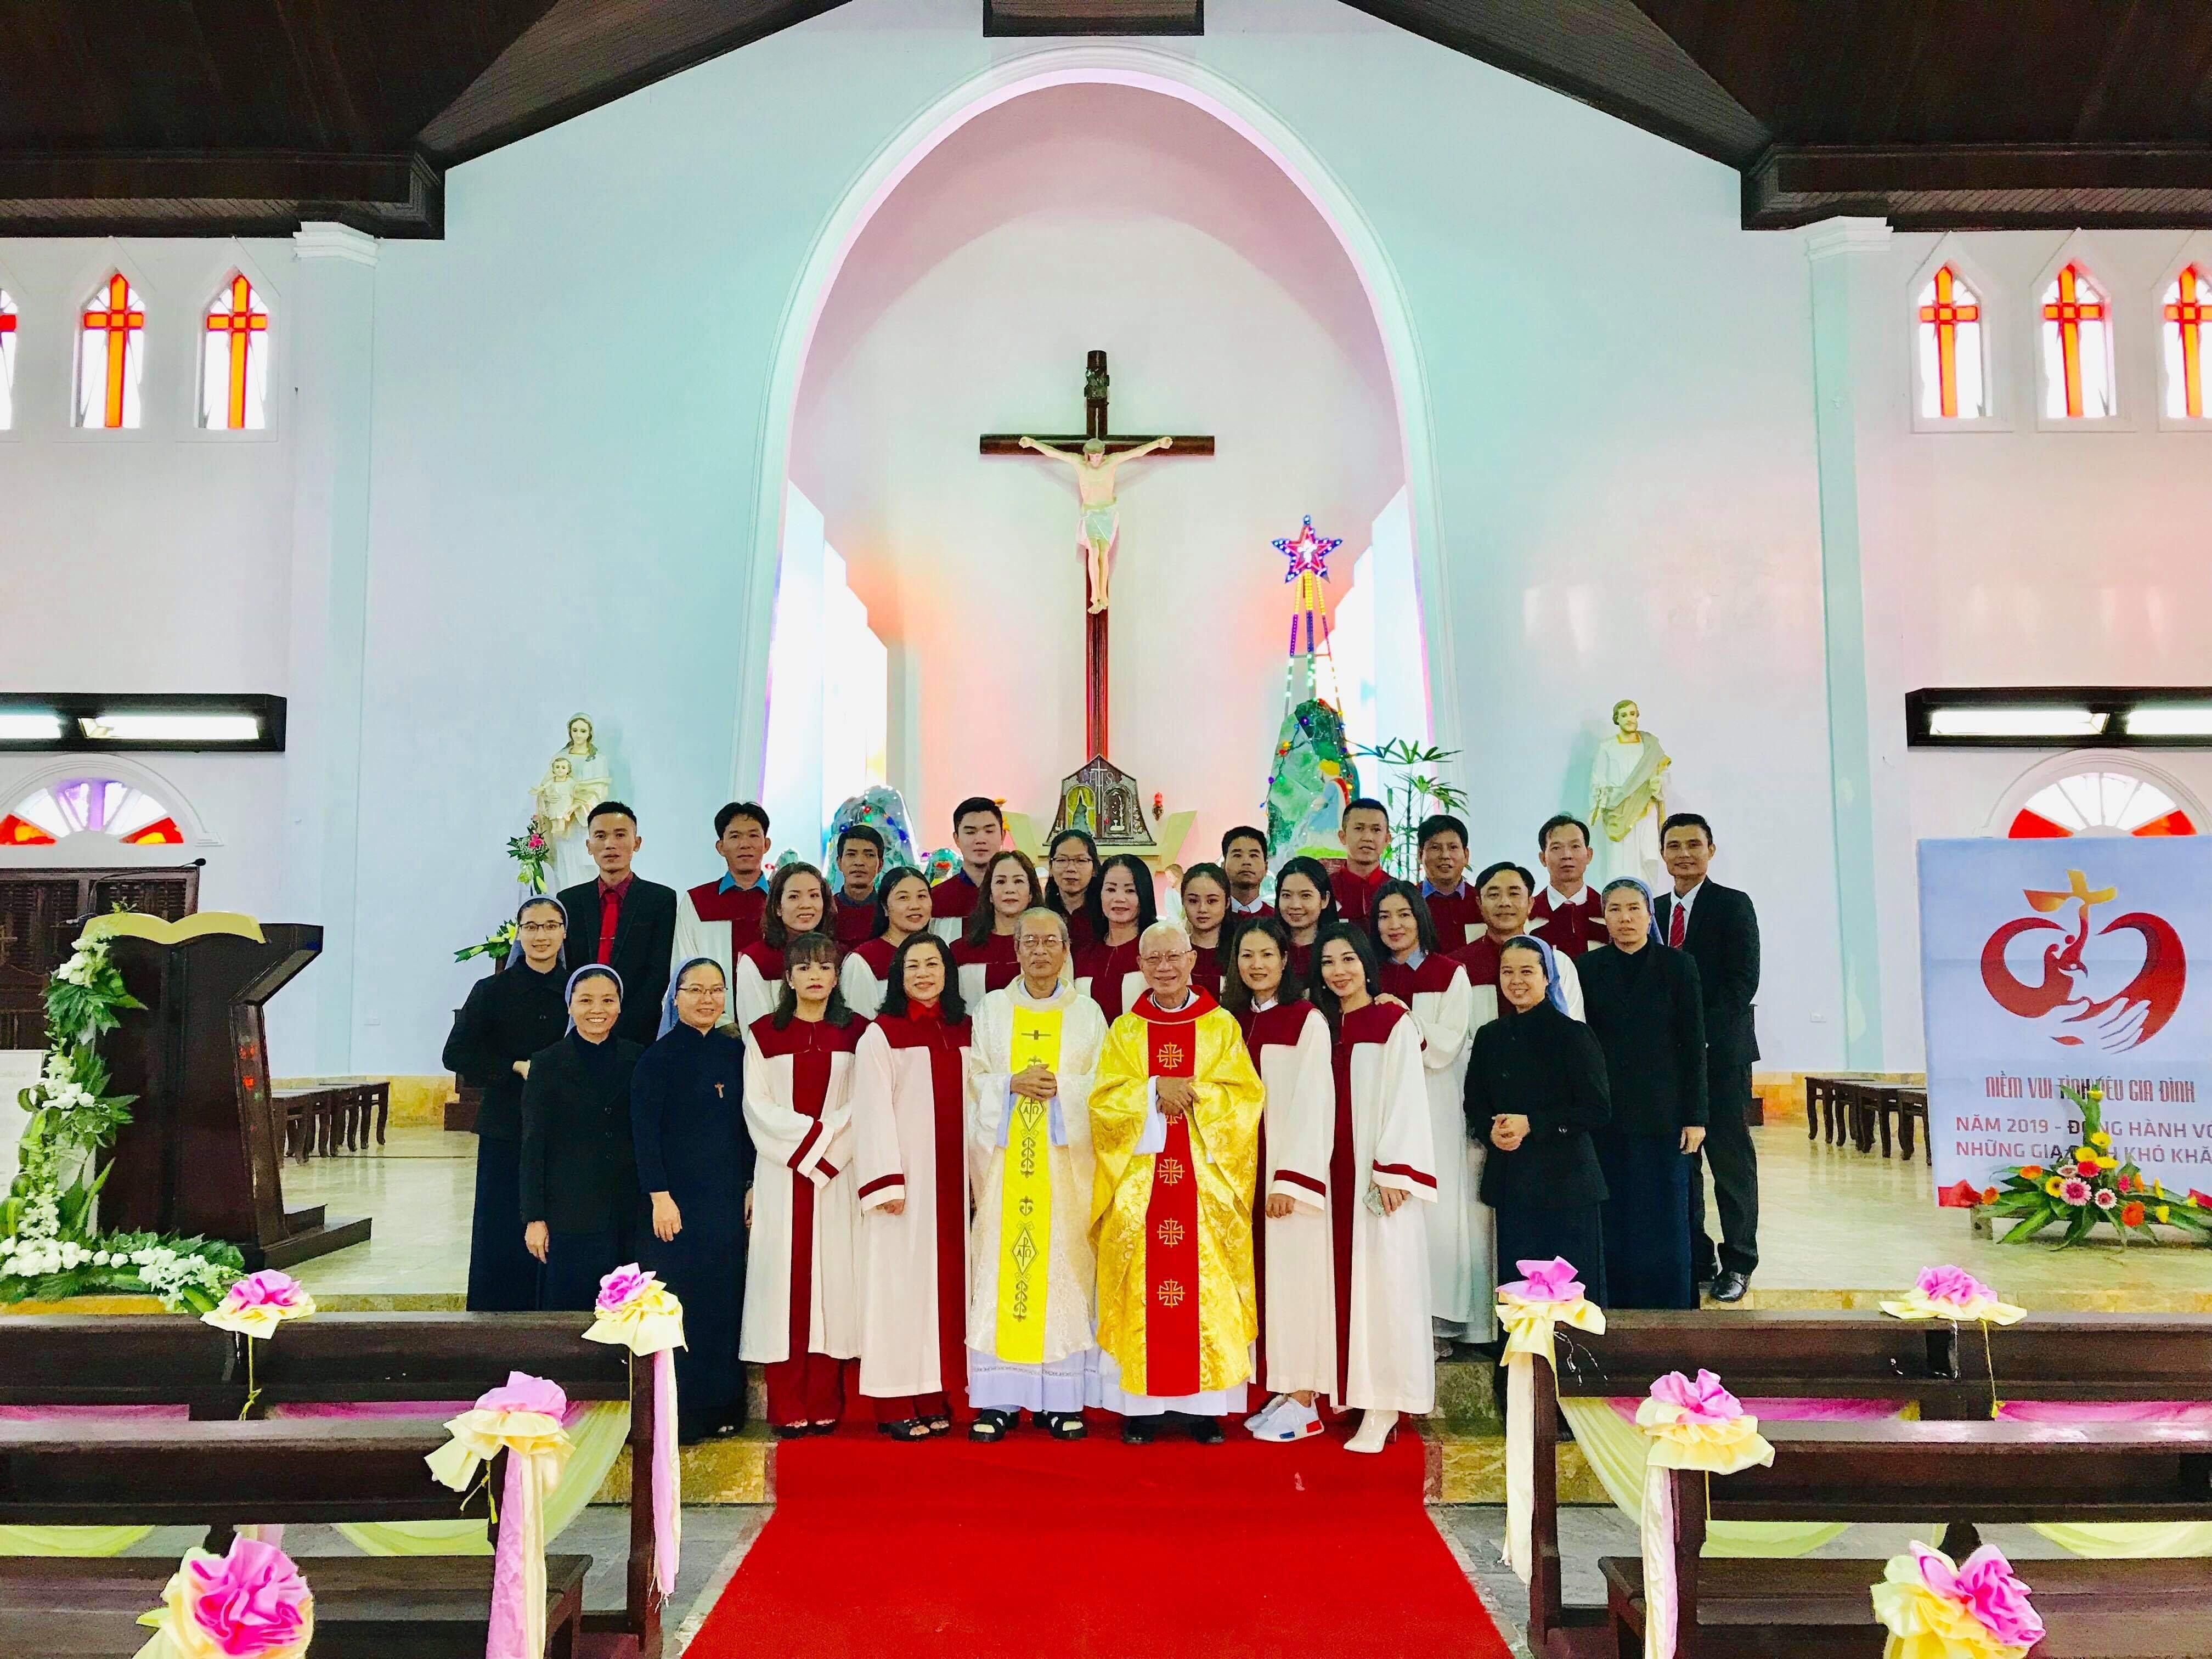 Giáo xứ An Bằng mừng Chúa giáng sinh